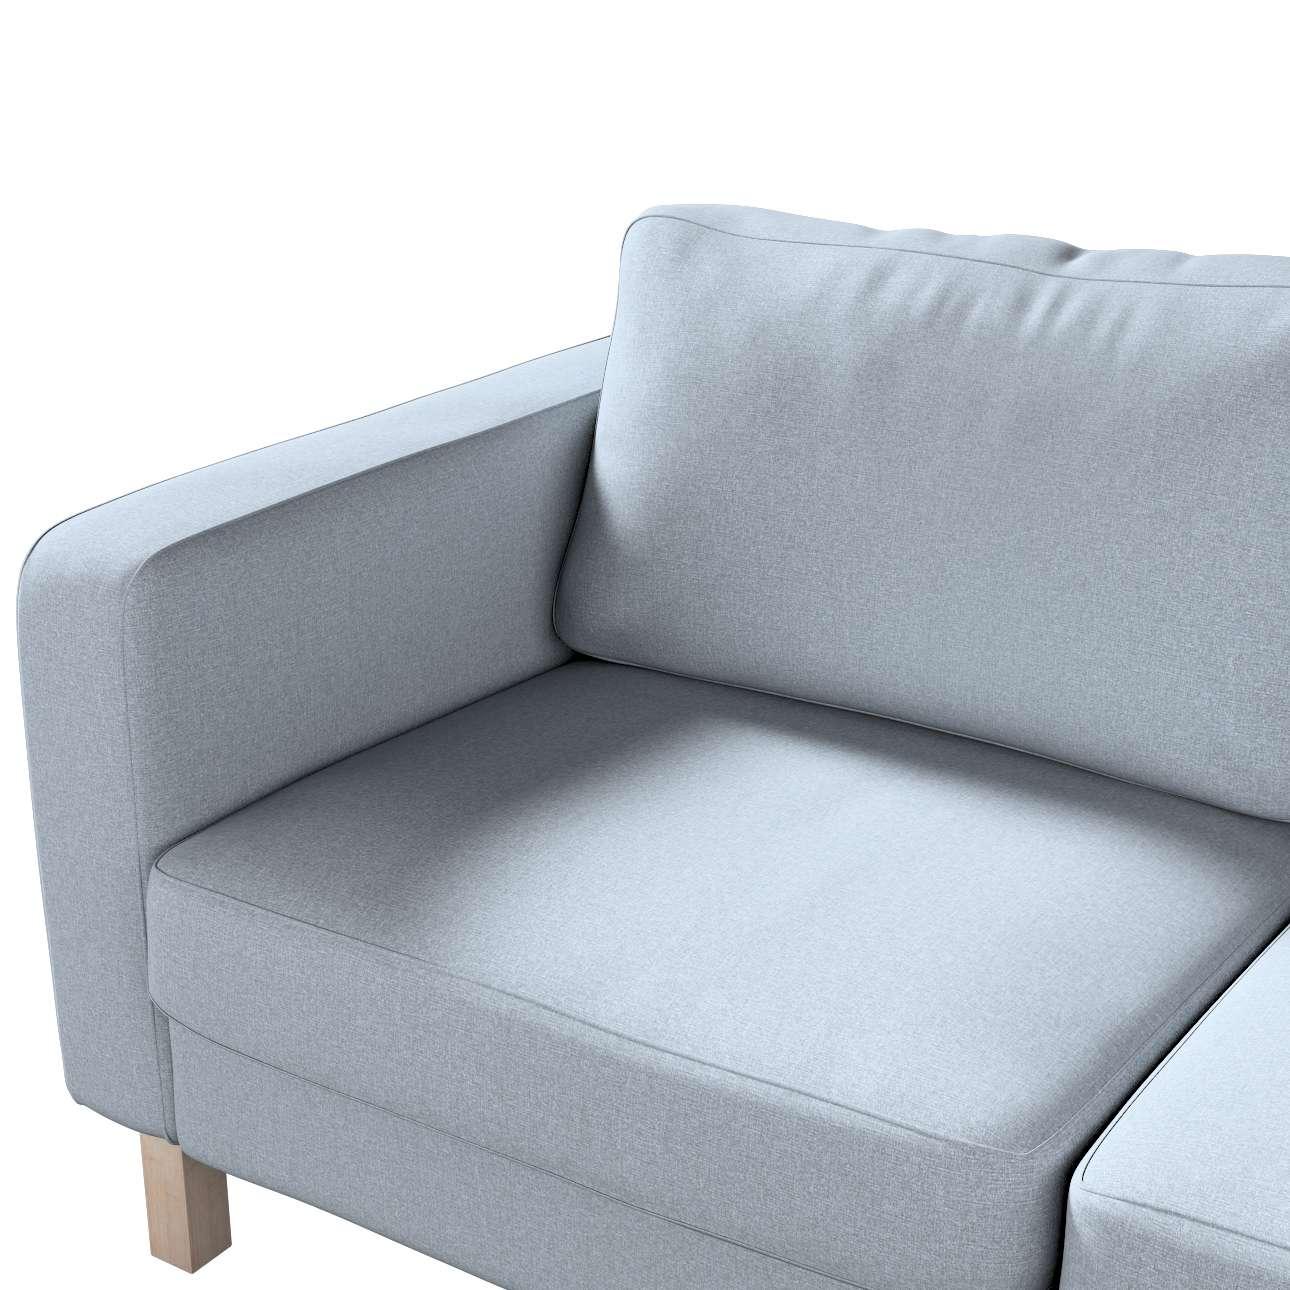 Potah na pohovku IKEA  Karlstad 2-místná, nerozkládací, krátký v kolekci Amsterdam, látka: 704-46